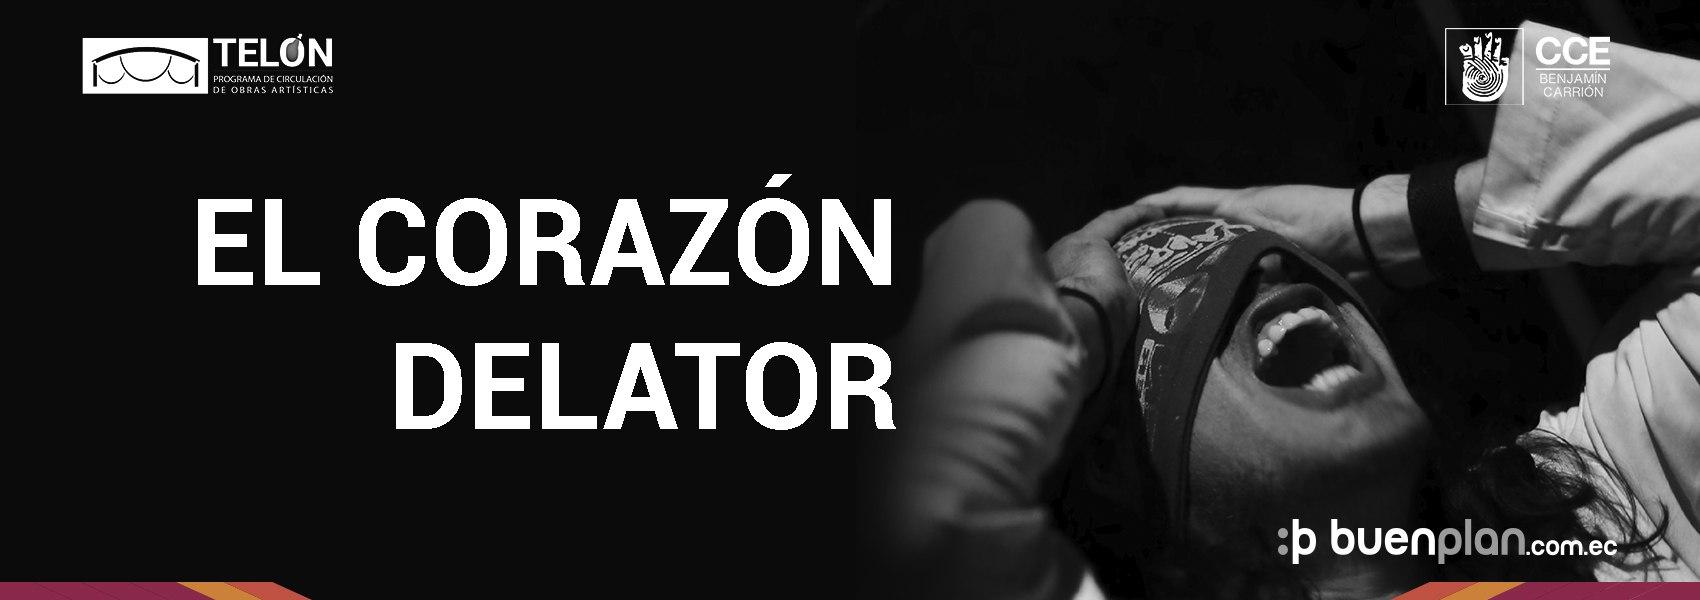 El Corazón Delator - 24 de Abril en Quito, BuenPlan